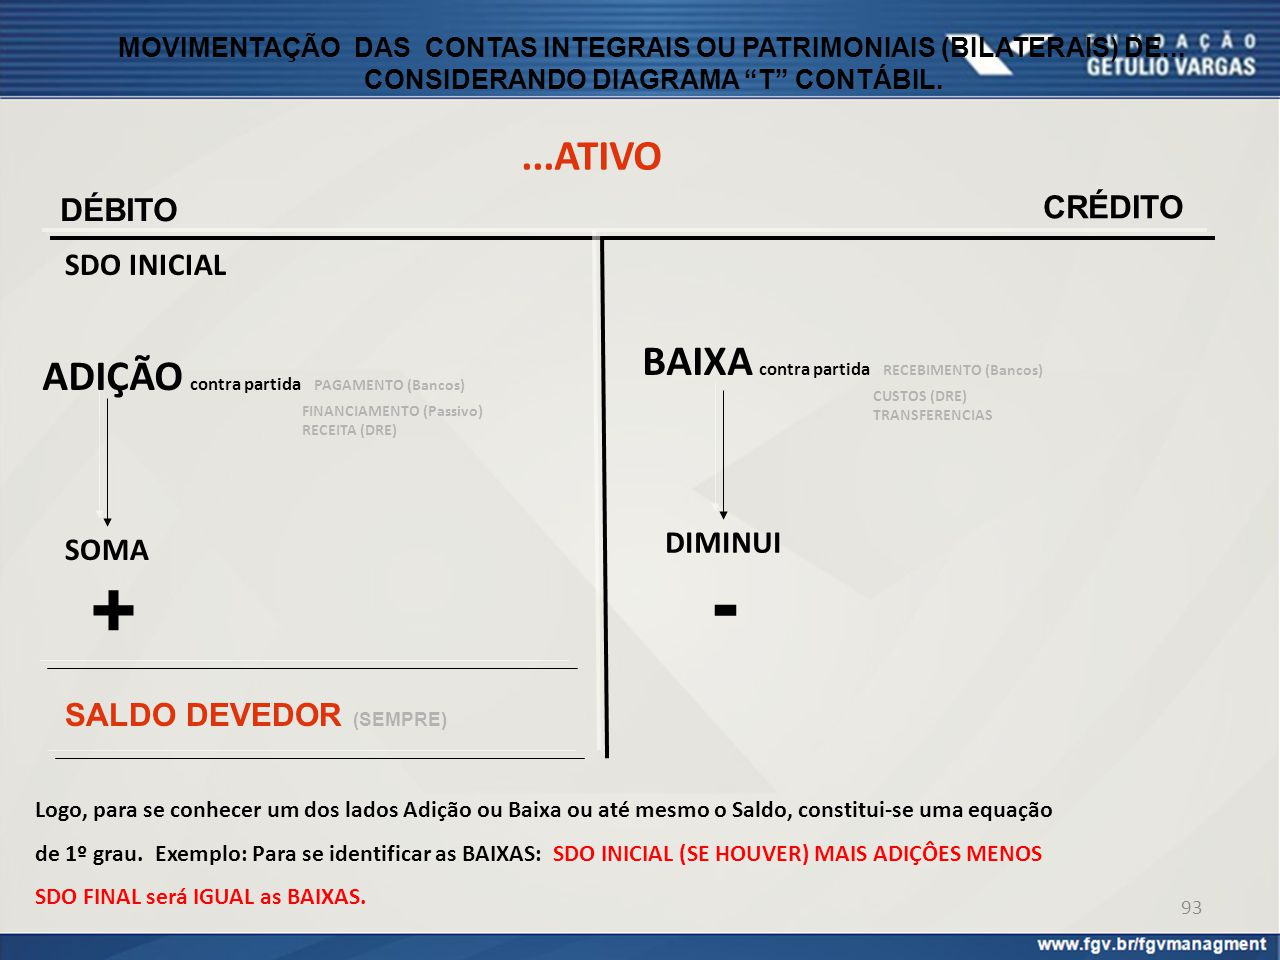 - + ...ATIVO BAIXA contra partida RECEBIMENTO (Bancos)